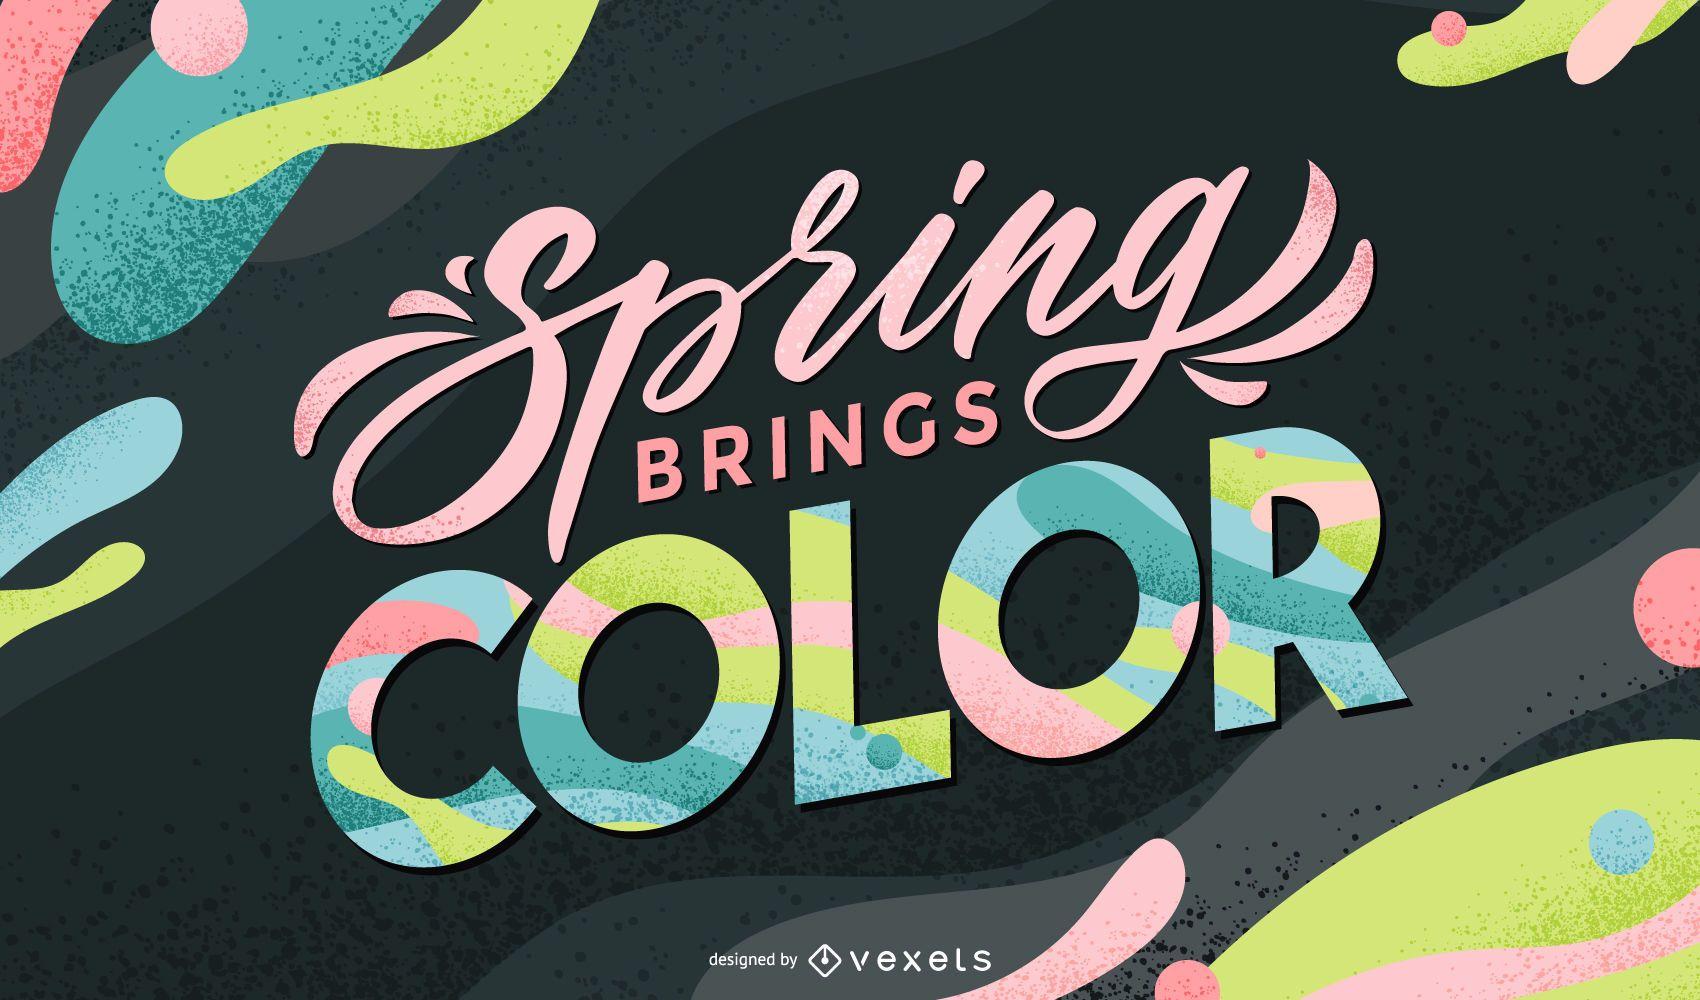 Spring brings color lettering design